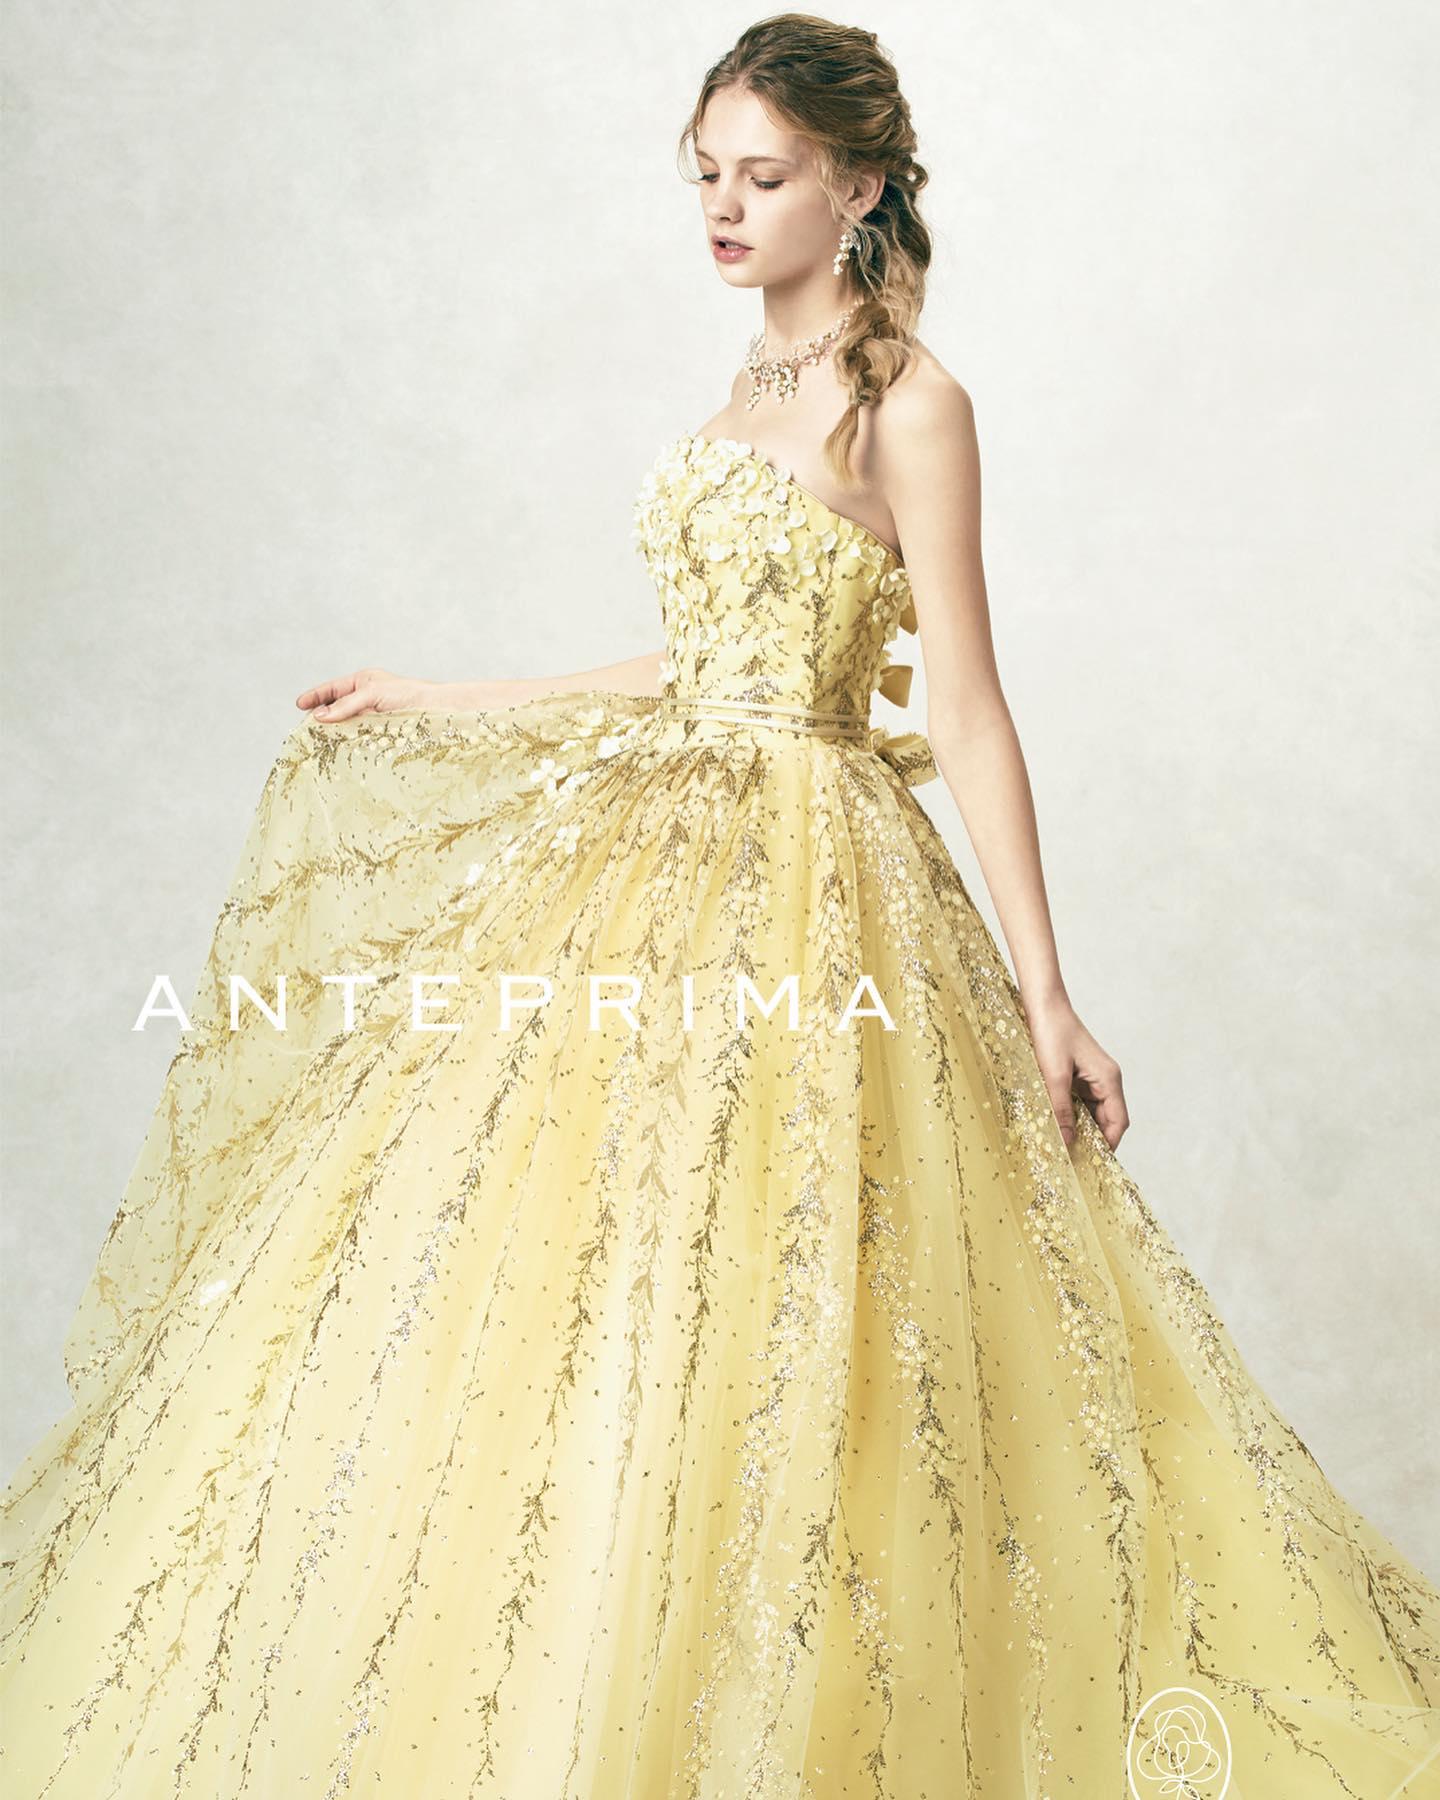 ・本日はカラードレスのご紹介・スズランをベースに作り上げた2色のグリッターチュールは、はっきりしたゴールド使いで甘さを演出人気のシルエットにリボンが華やかさをプラスしてくれます・この季節にピッタリのカラードレスぜひご試着してみて下さい🥰・ANTEPREMA(アンテプリマ)ANT0175レンタル料金¥220,000・#wedding #weddingdress #bridalhiro #kiyokohata #anteprema#ウェディングドレス #プレ花嫁 #ドレス試着 #2021冬婚 #ヘアメイク #結婚式  #ドレス選び #前撮り #フォトウェディング #ウェディングヘア  #フォト婚 #前撮り写真 #ブライダルフォト #カップルフォト #ウェディングドレス探し #ウェディングドレス試着 #レンタルドレス #ドレスショップ #ブライダルヒロ #ゼクシィ #プリンセスライン #ドレス迷子 #キヨコハタ #キヨコハタドレス #アンテプリマ